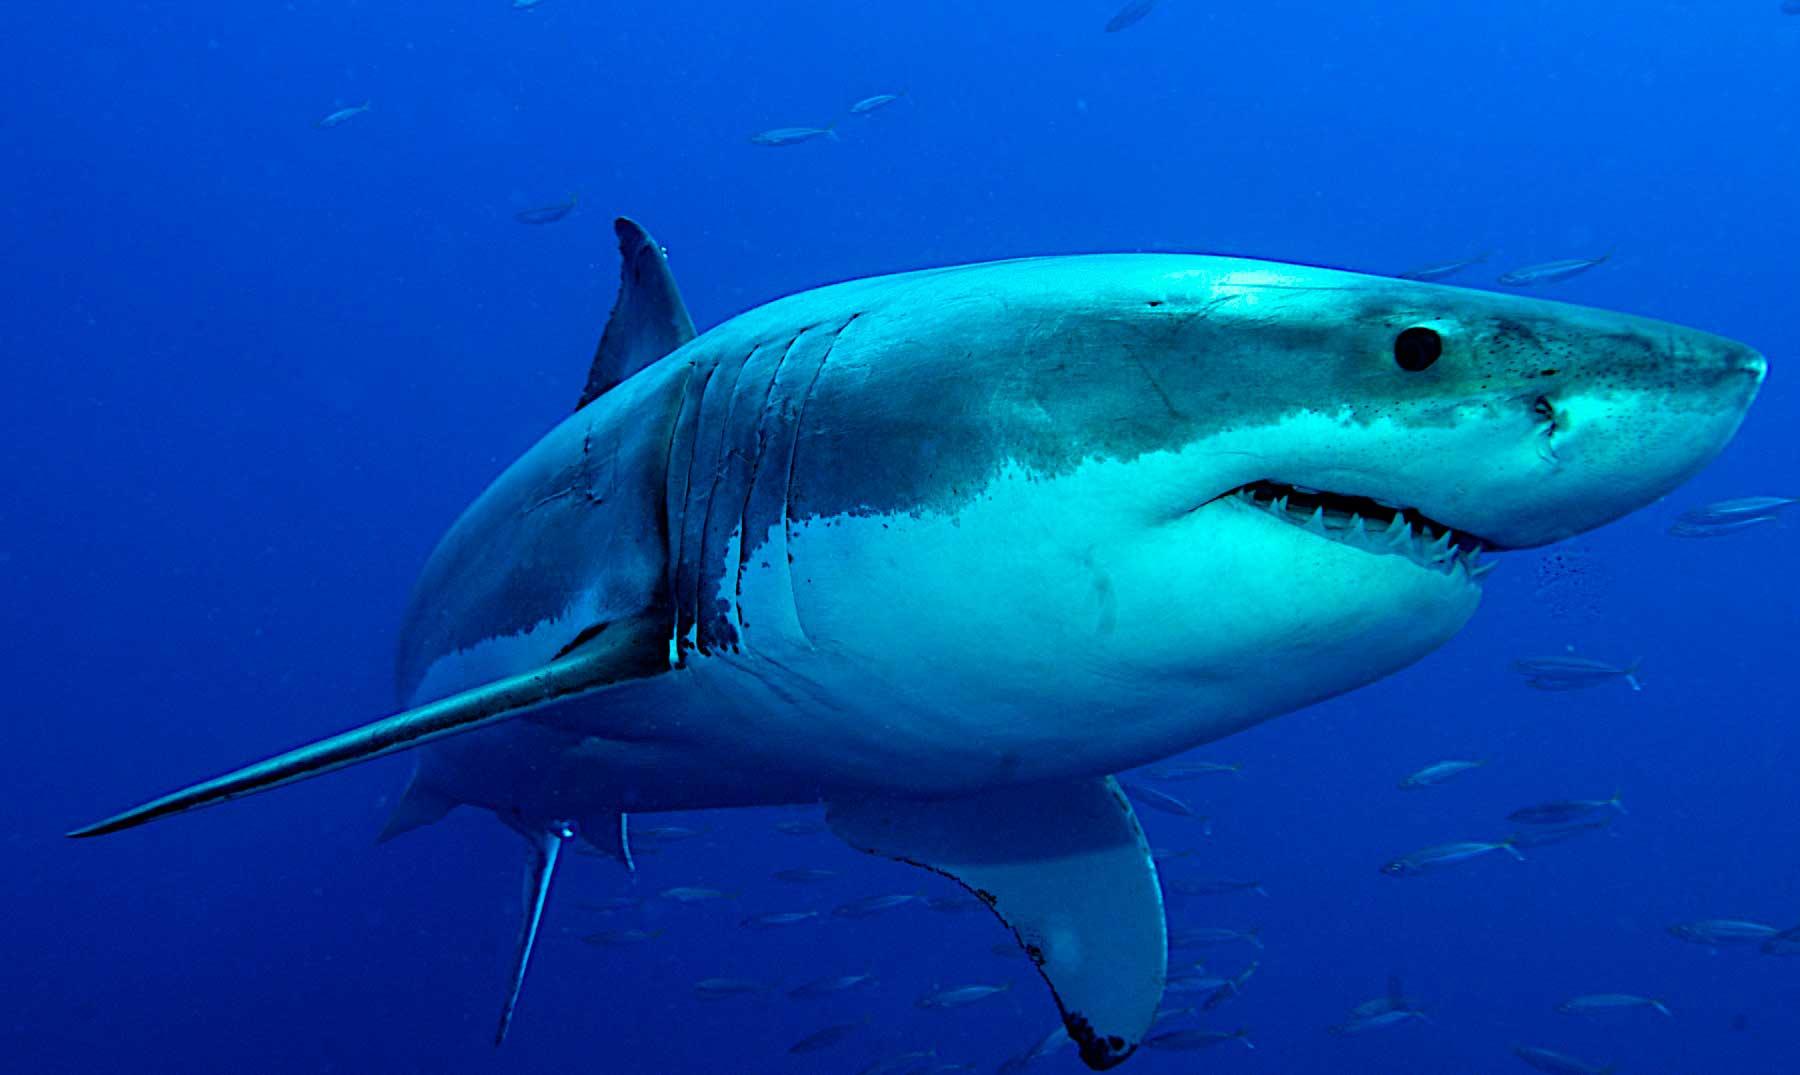 Detectado un tiburón blanco de 6 metros en Lanzarote frente a Famara